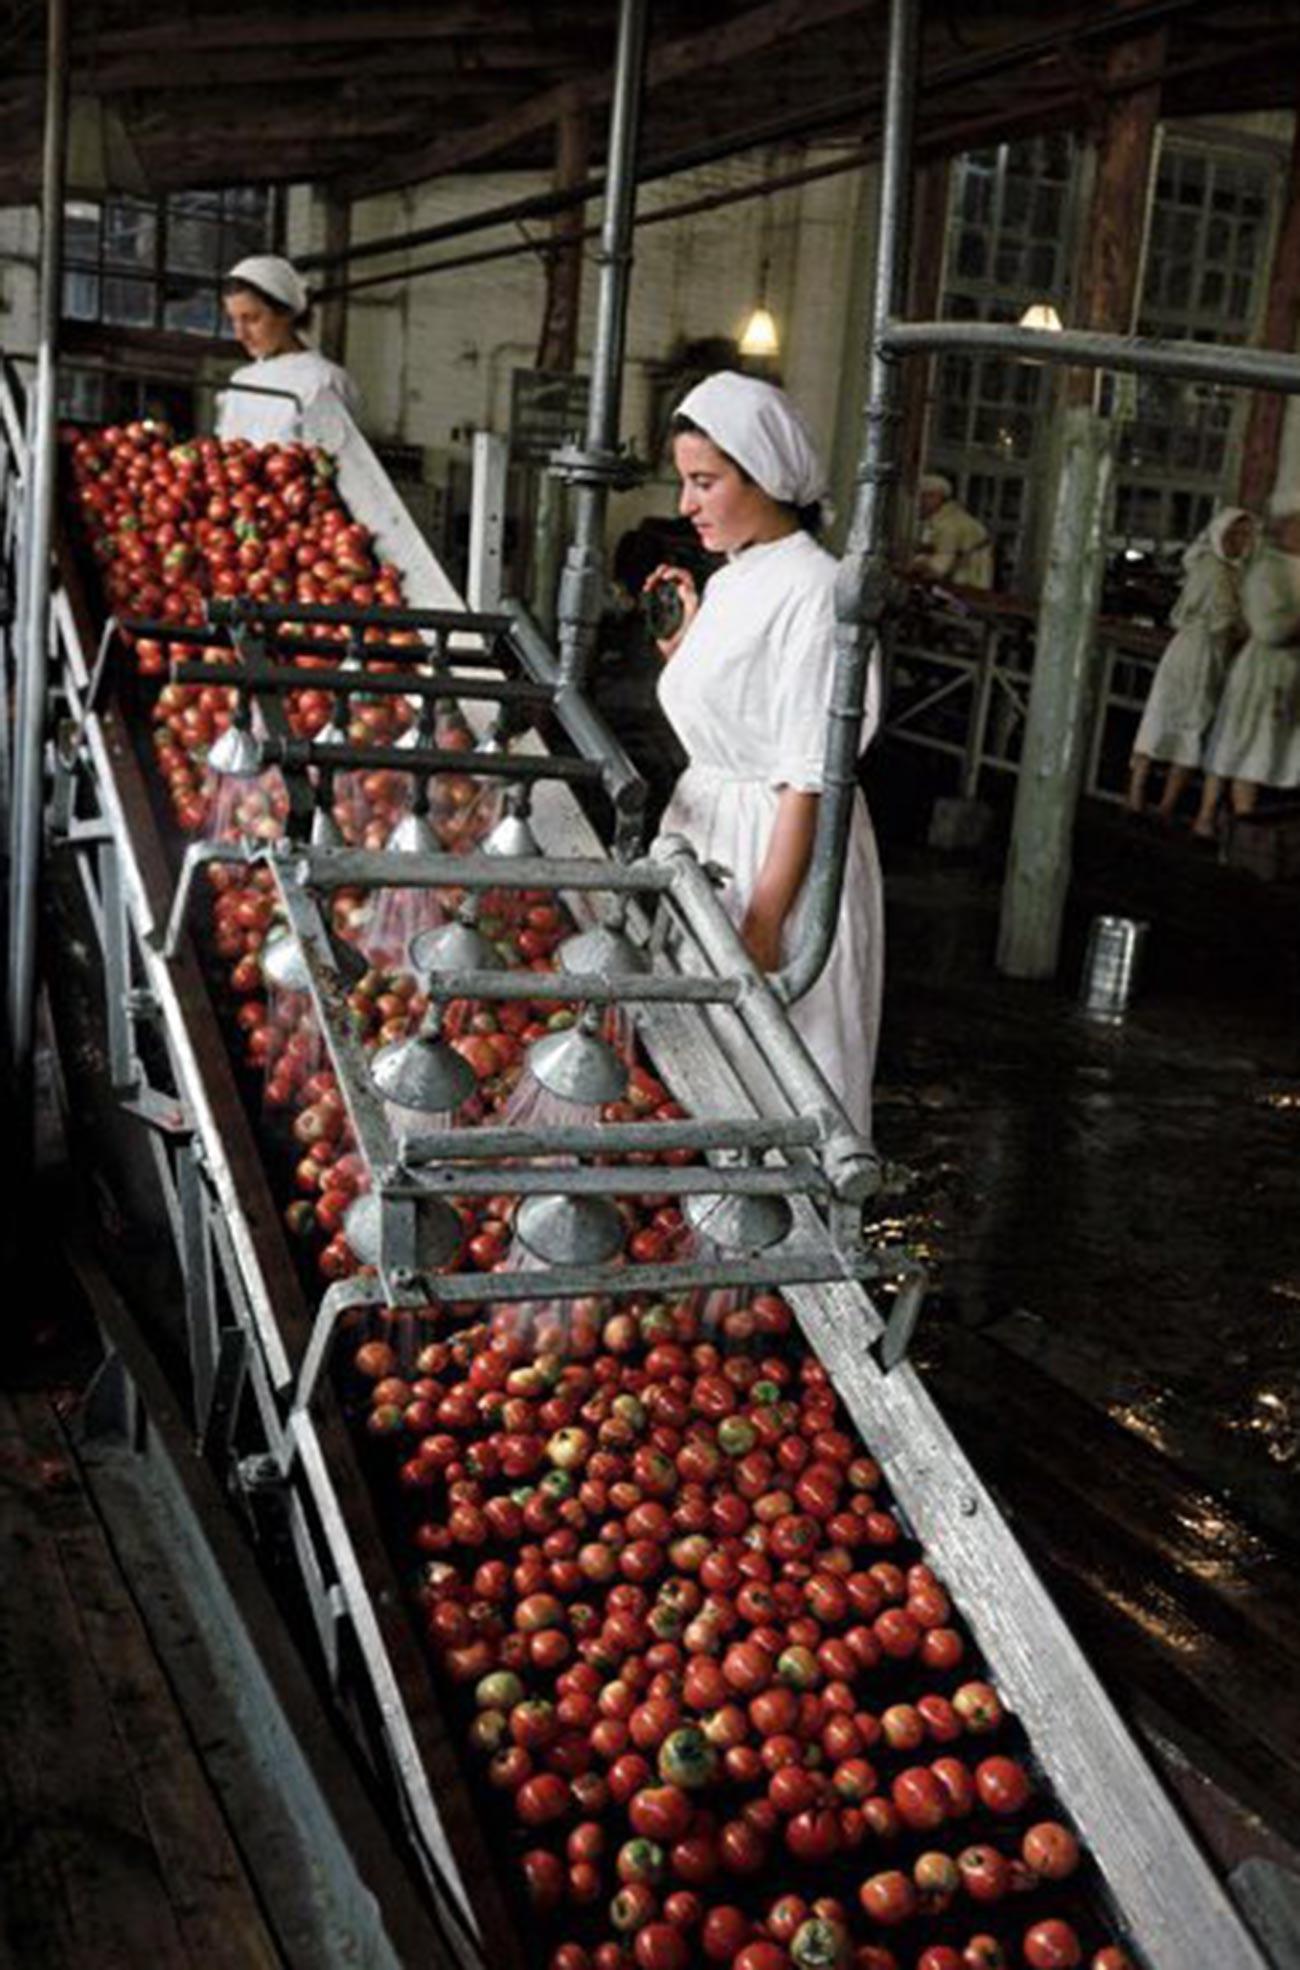 Tomates en la fábrica de conservas de Tiraspol el 1 de mayo de 1953.